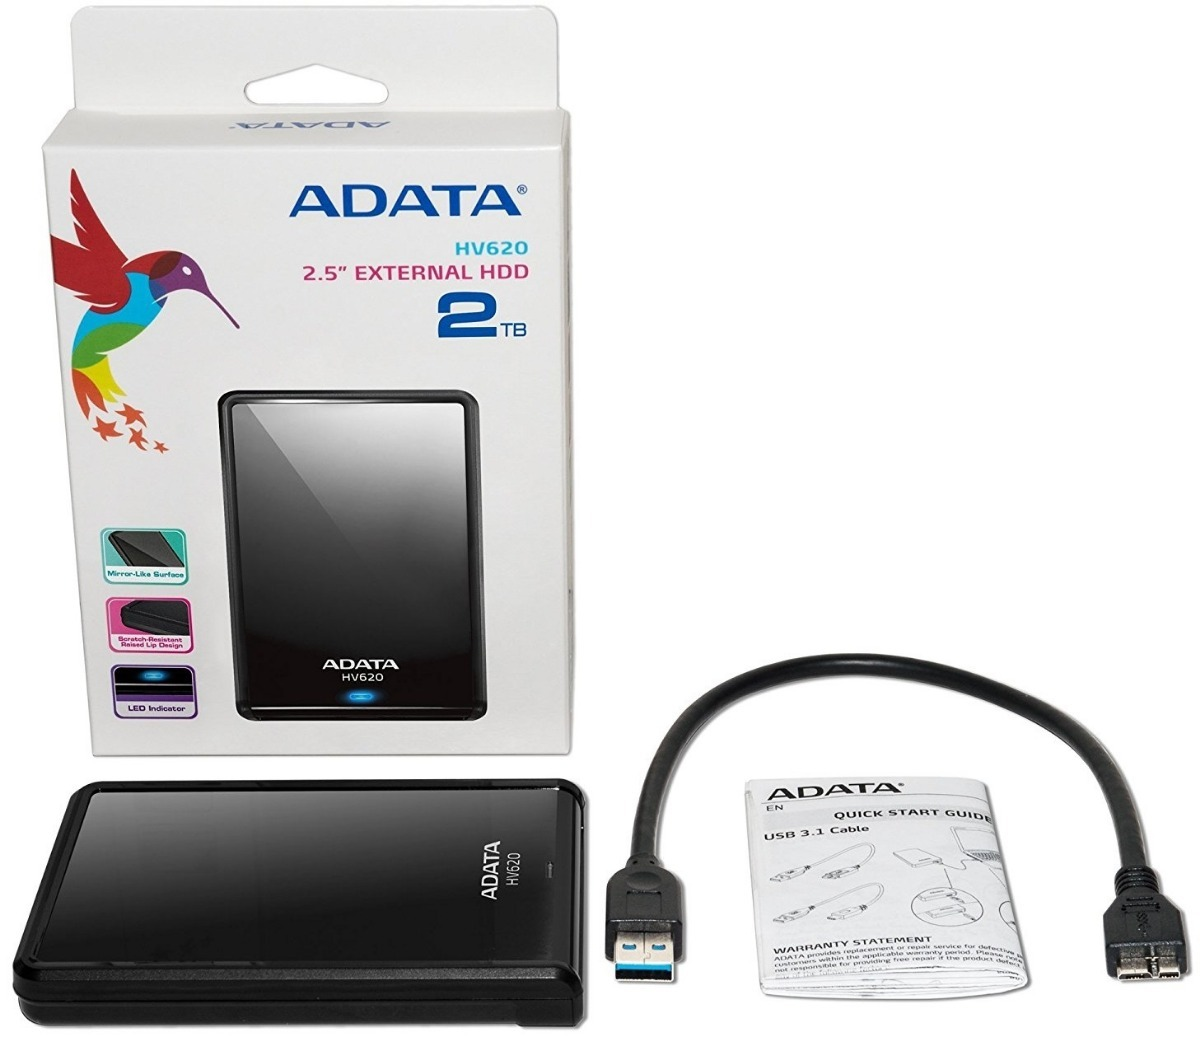 e3d7c173d22fe disco duro externo adata 2tb hv620 usb 3.0 garantía 1 año. Cargando zoom.